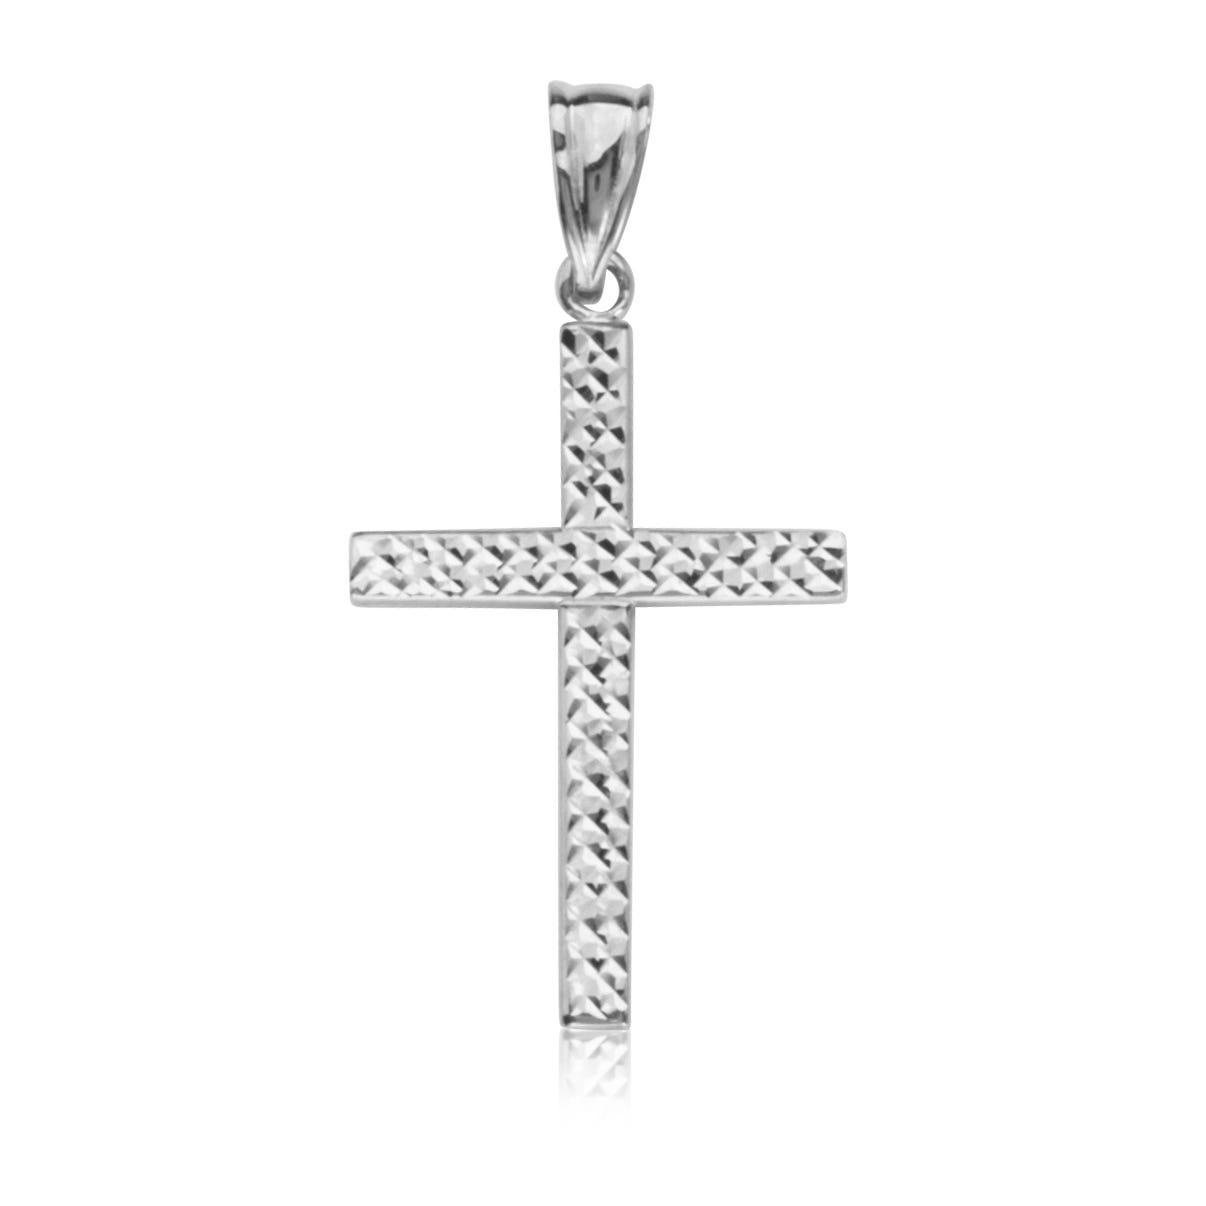 Reversible Cross Pendant in 14k White Gold